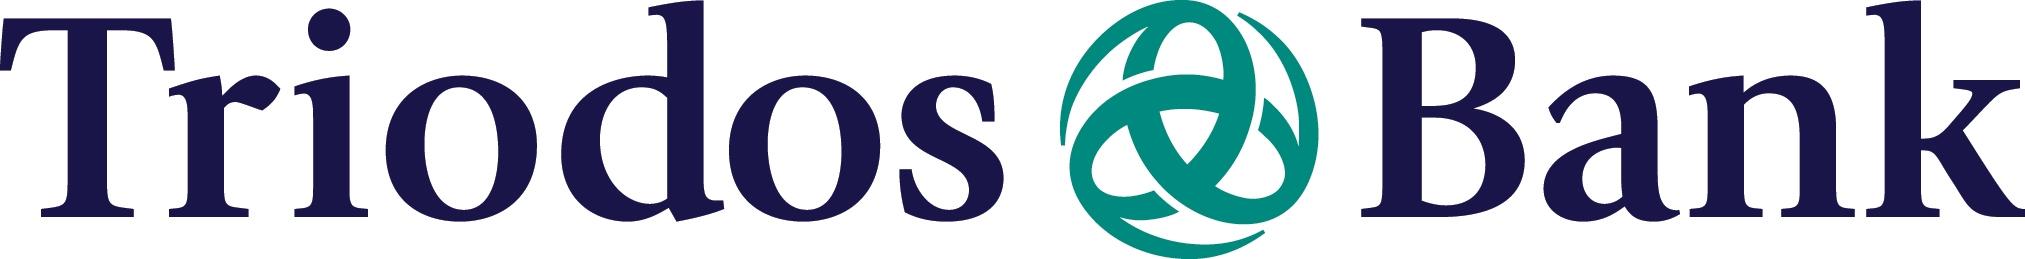 TB logo colour - main